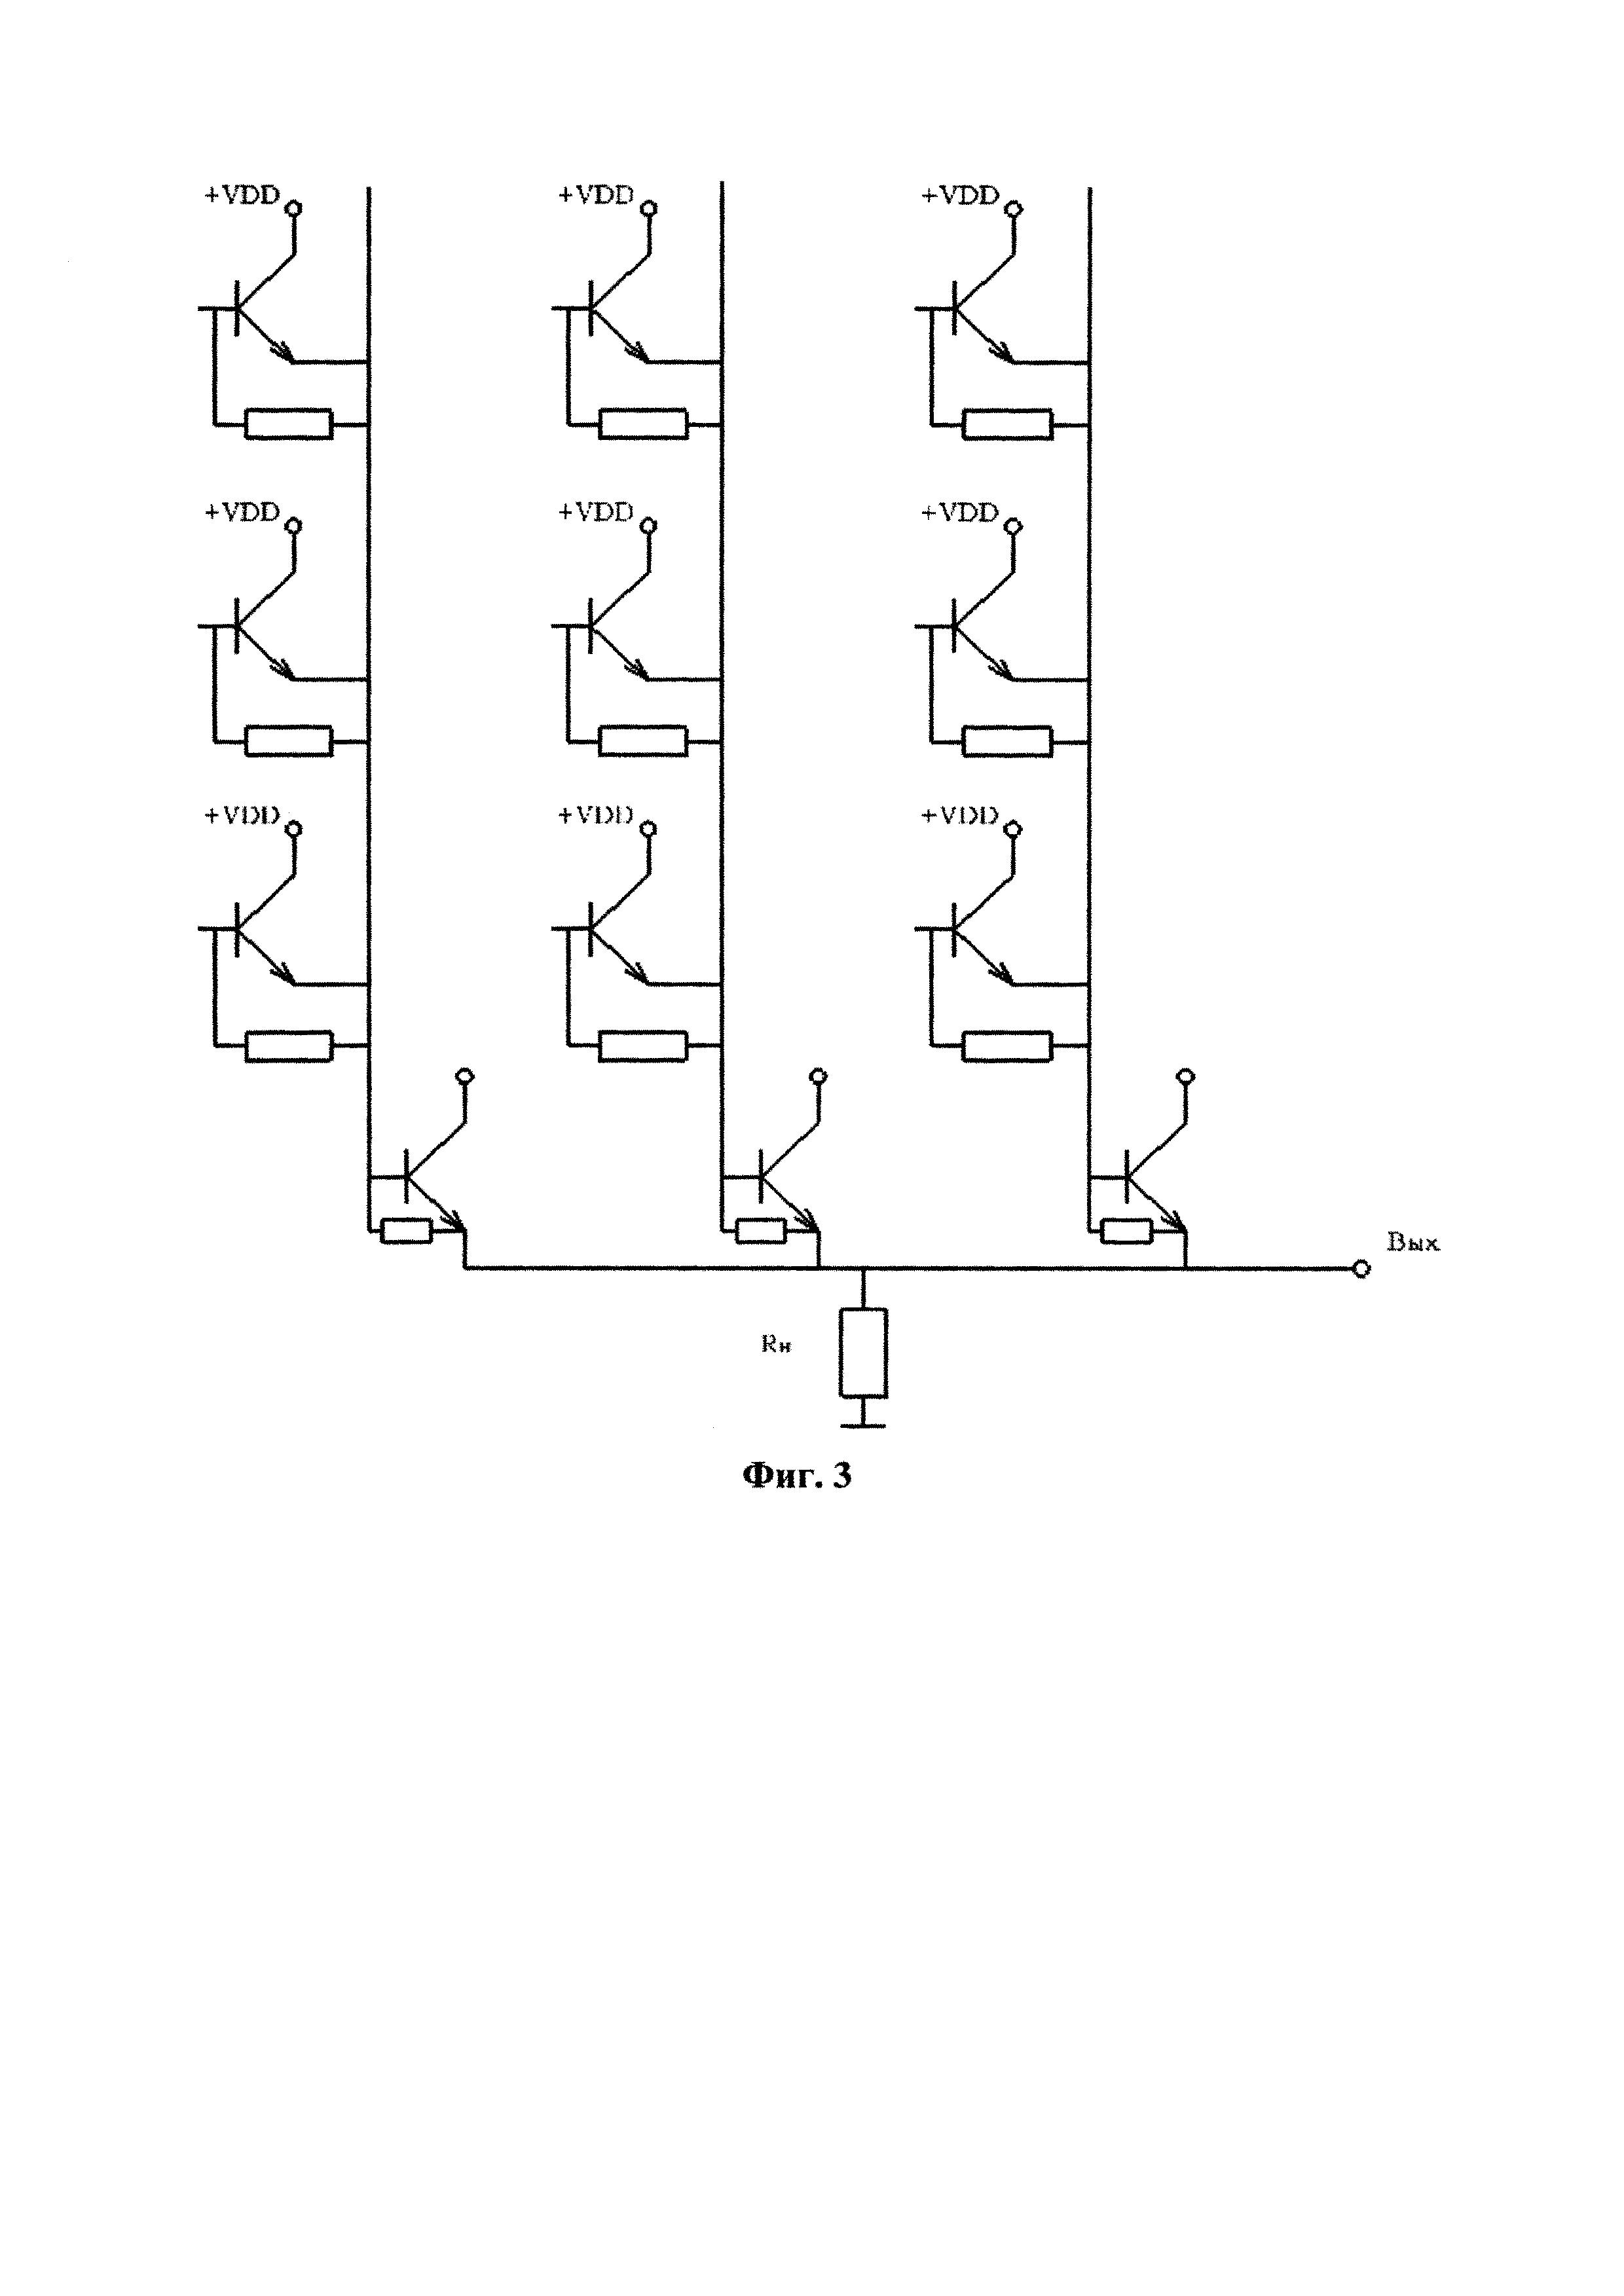 Интегральная схема быстродействующего матричного приемника оптических излучений